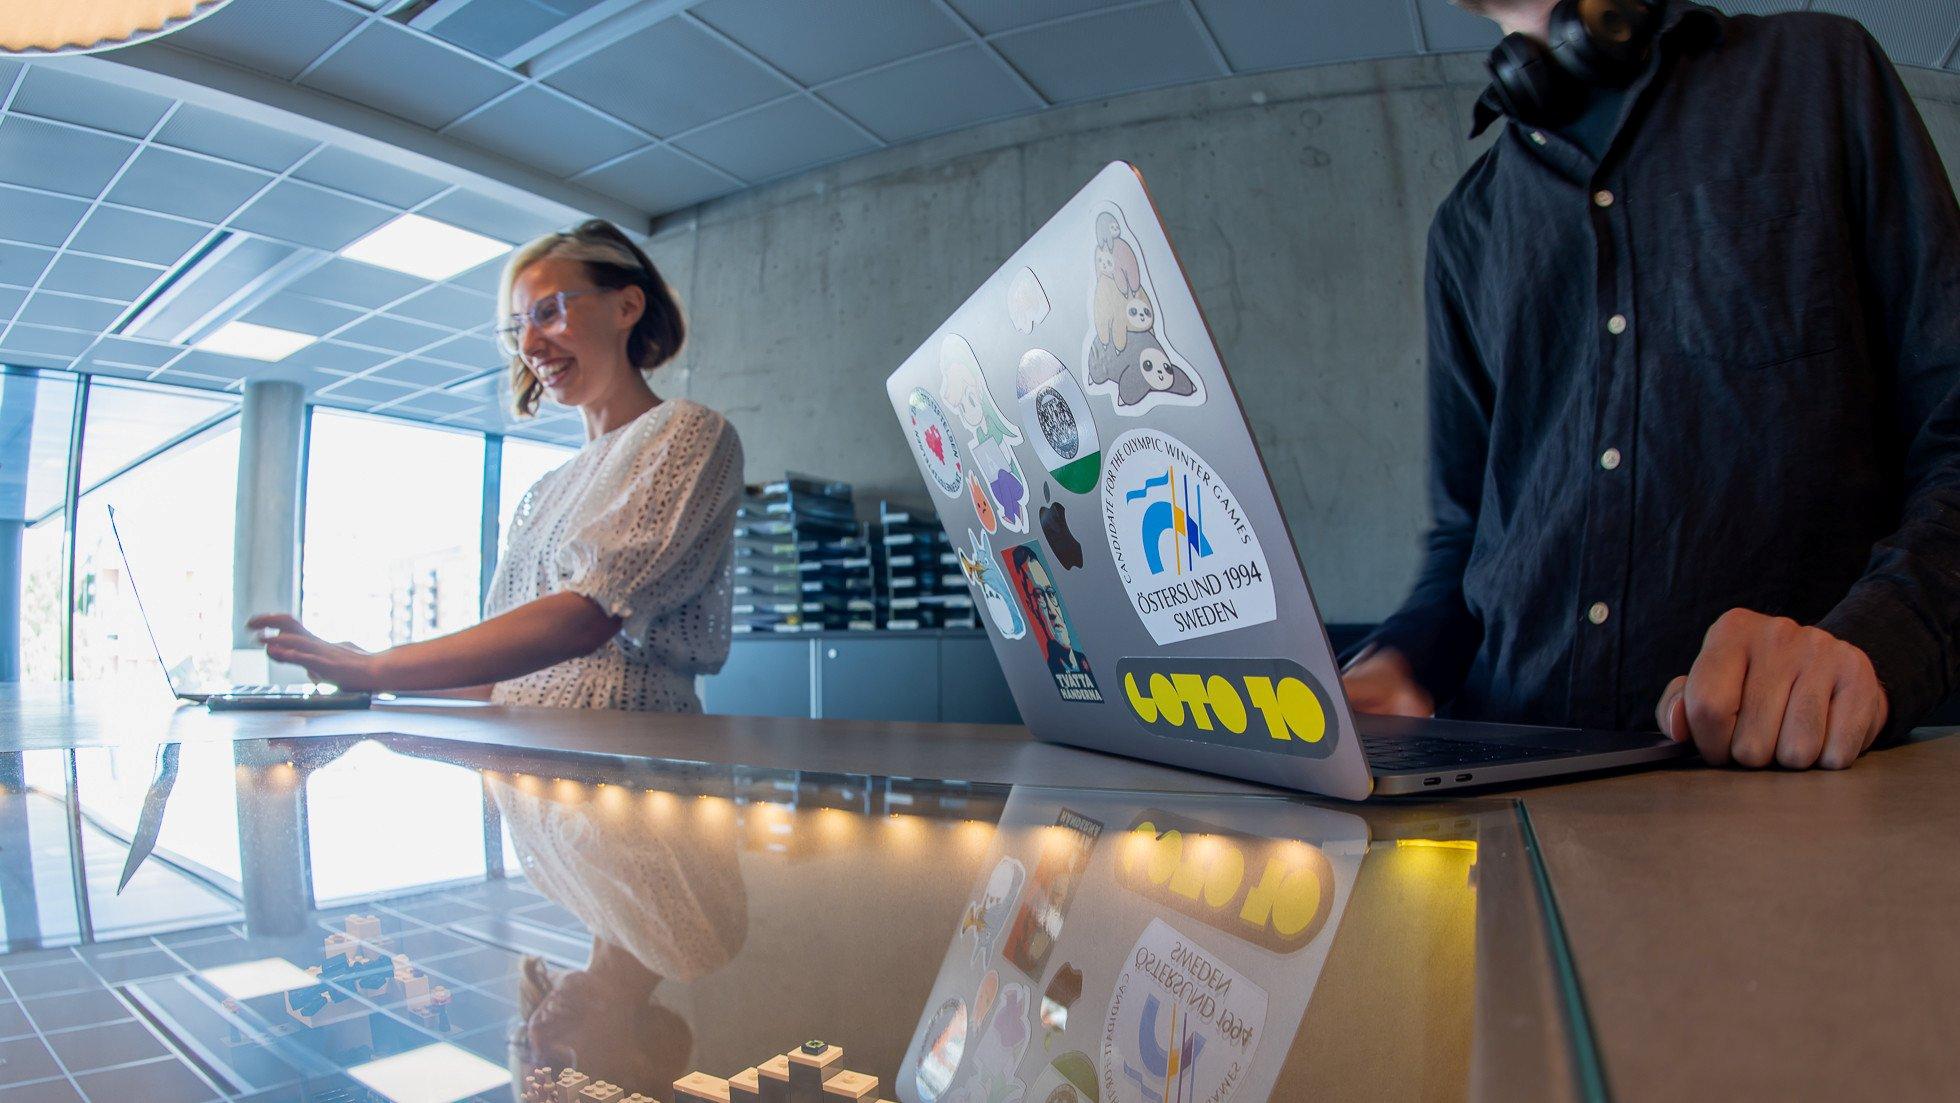 En man och en kvinna står bredvid varandra vid ett bord med sina laptops framför sig